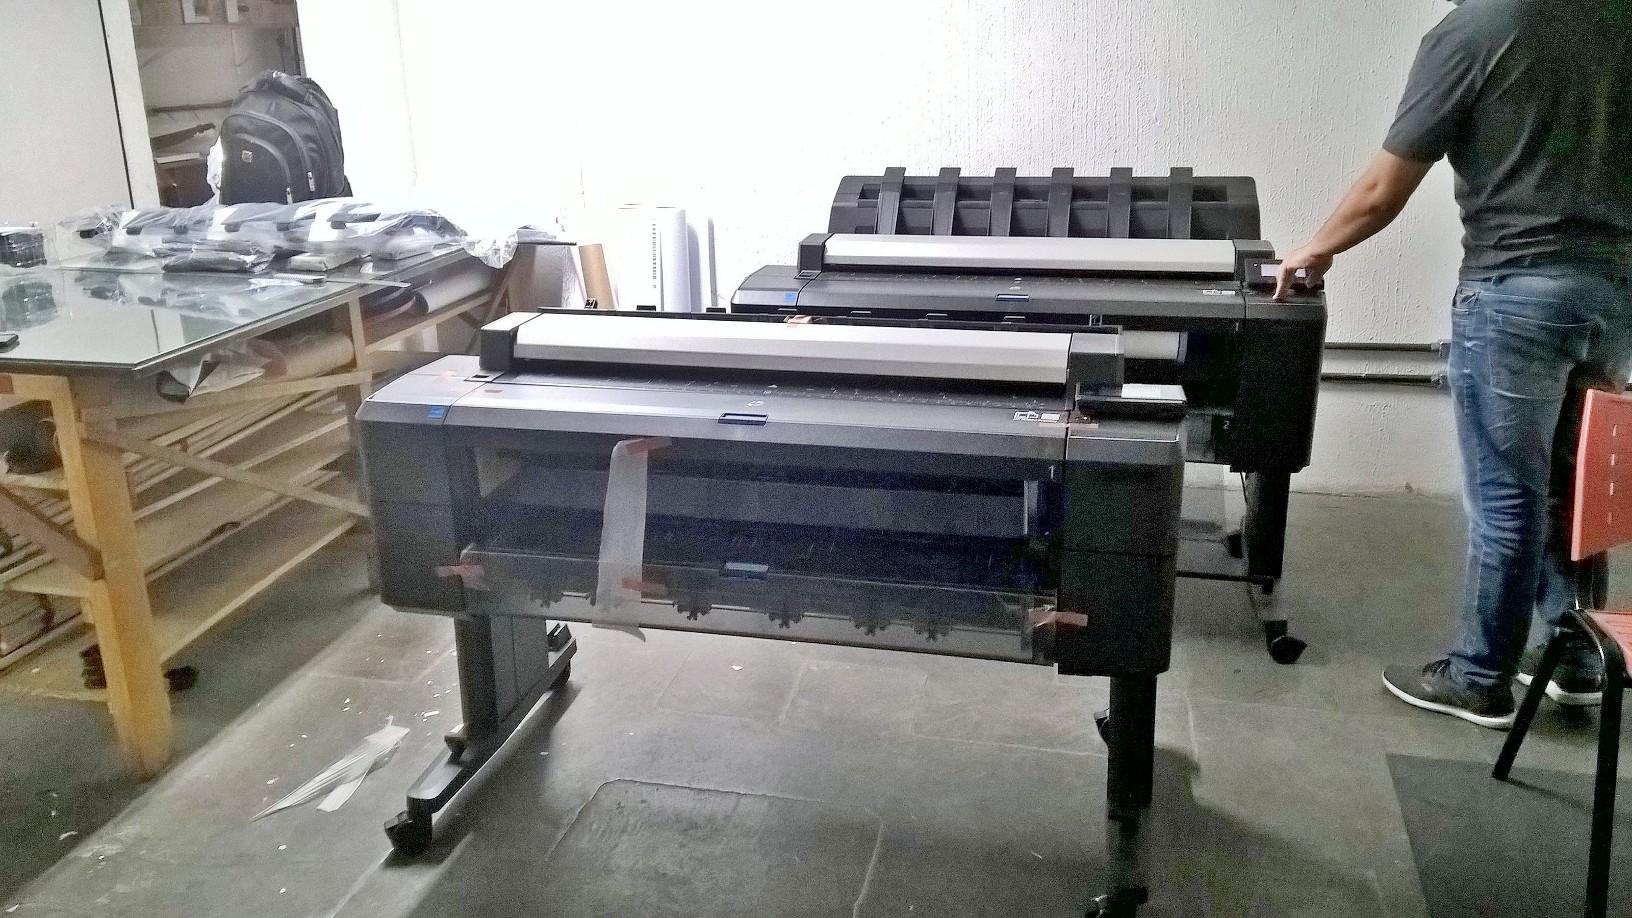 A Loja do Plotter entregou um segundo Multifunção plotter HP Designjet T2530eMFP em Belo Horizonte - MG